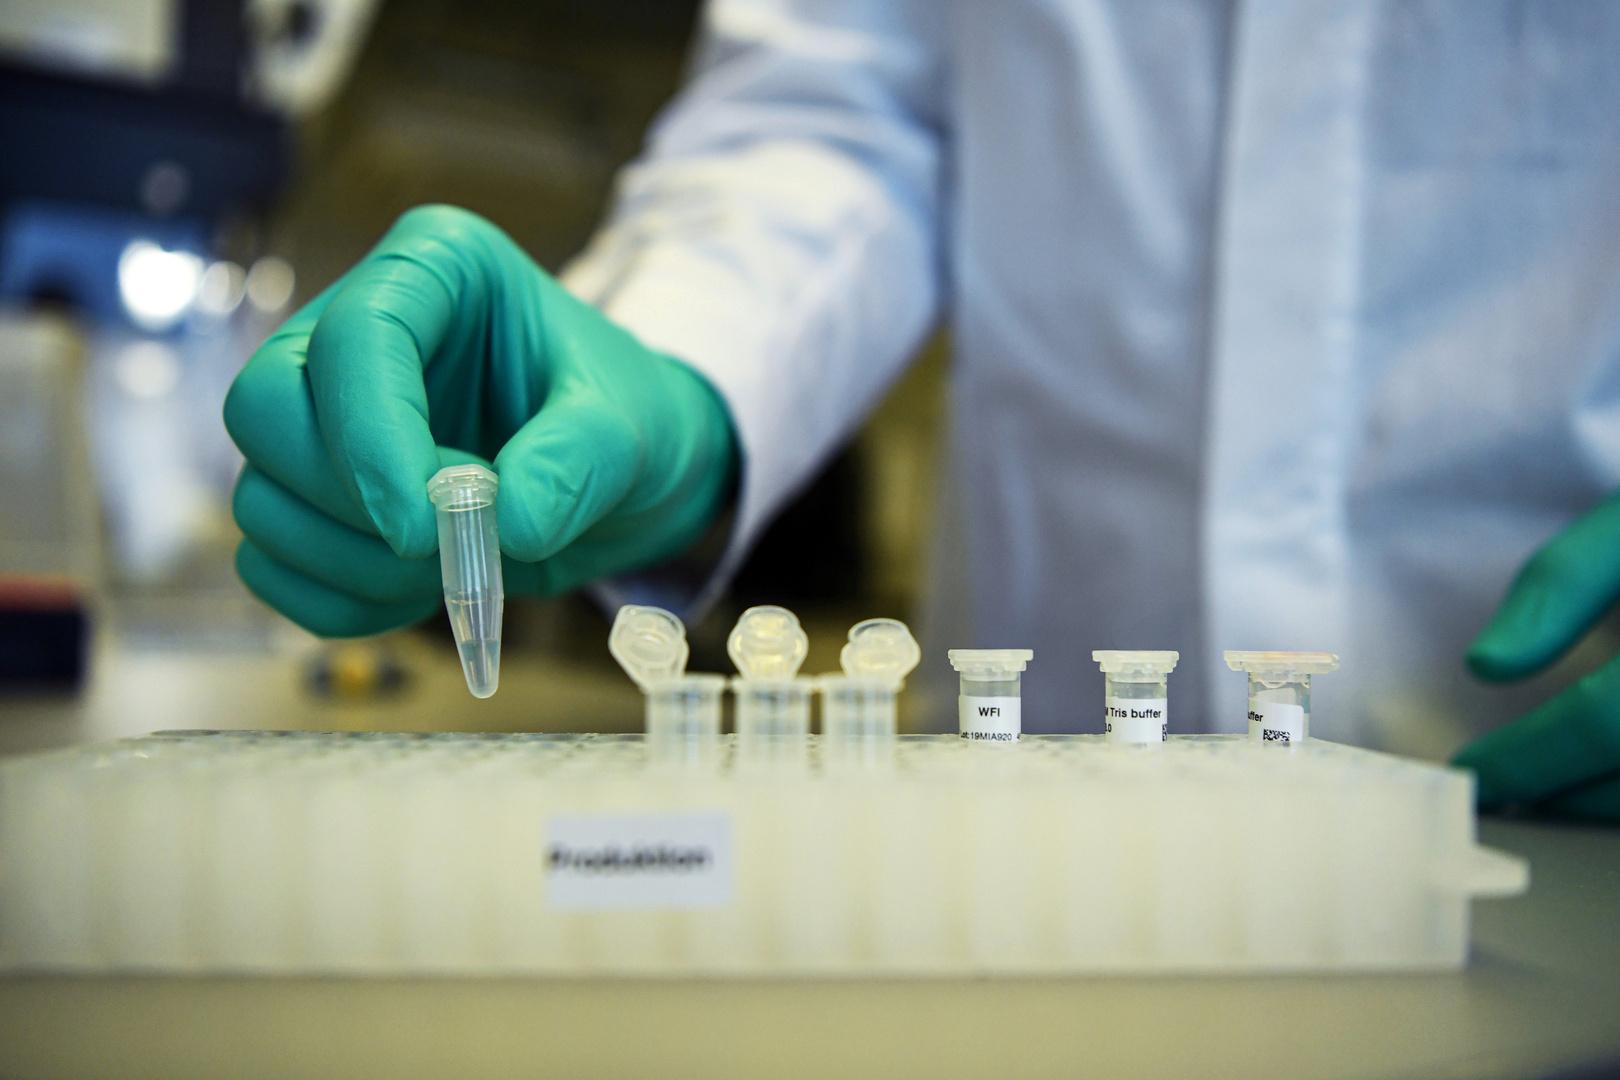 شركة كورية جنوبية تعتزم بدء الإنتاج التجاري لمادة الأجسام المضادة لفيروس كورونا في سبتمبر